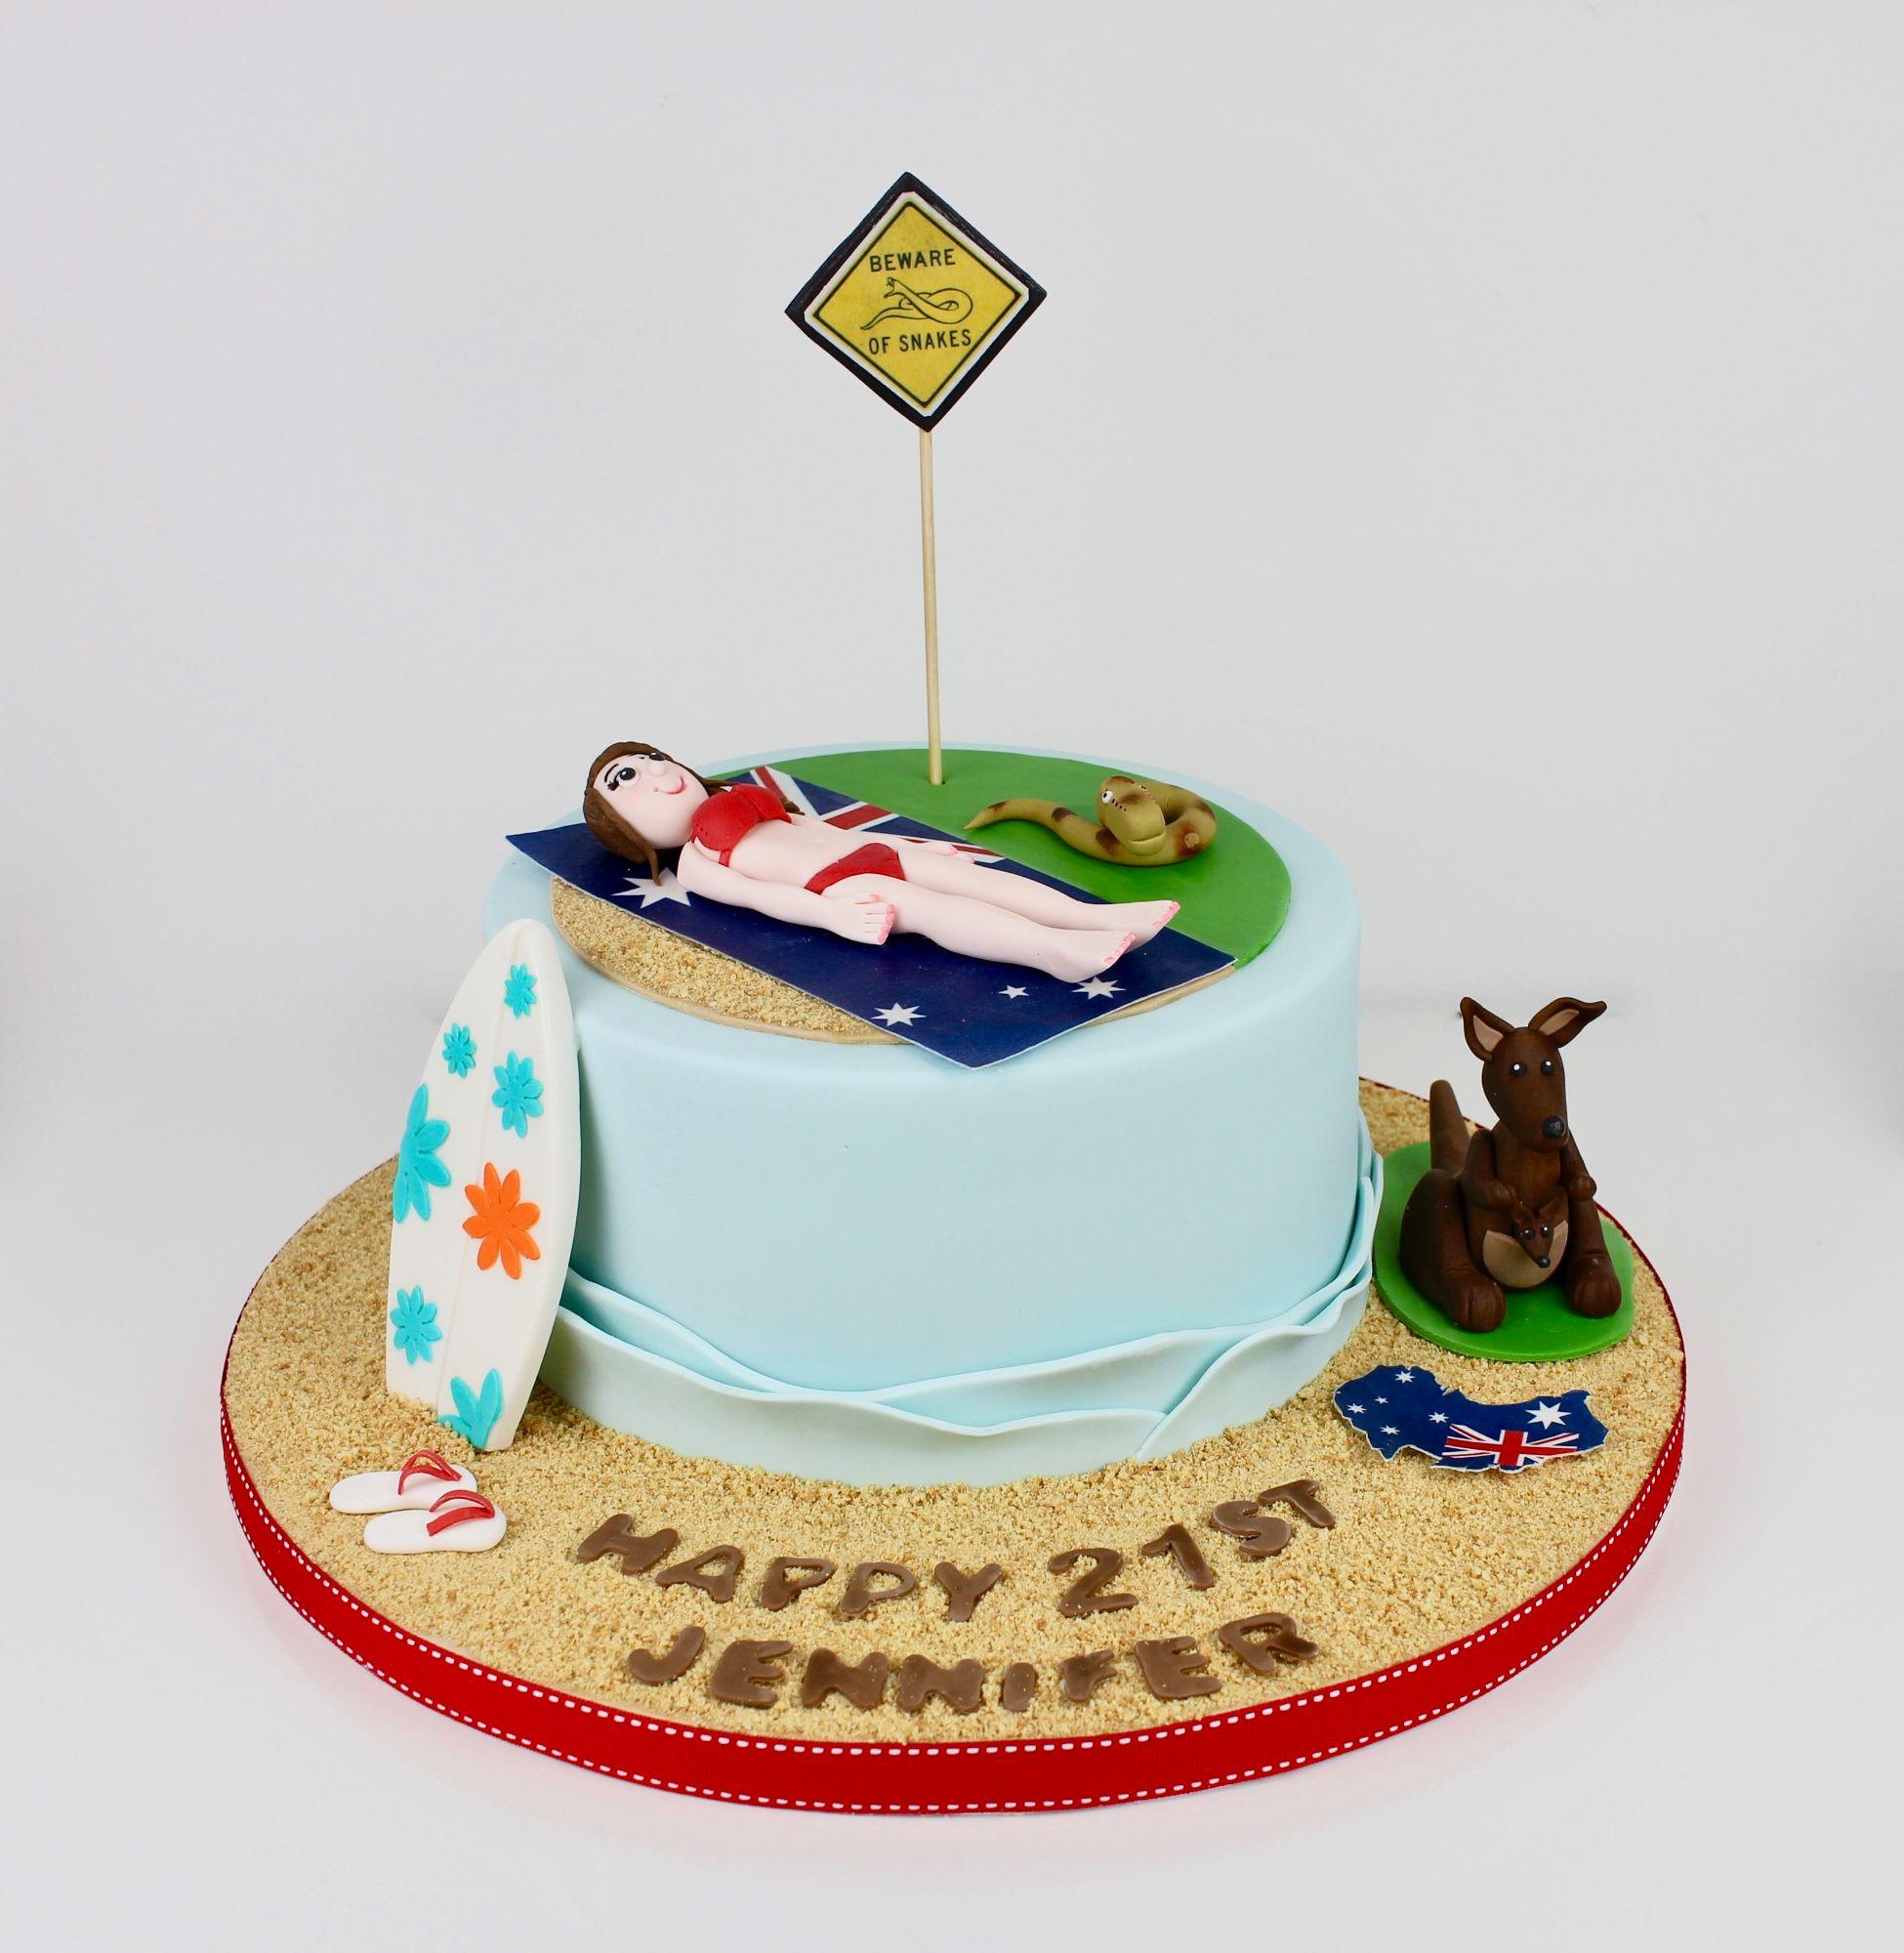 Australian themed cake